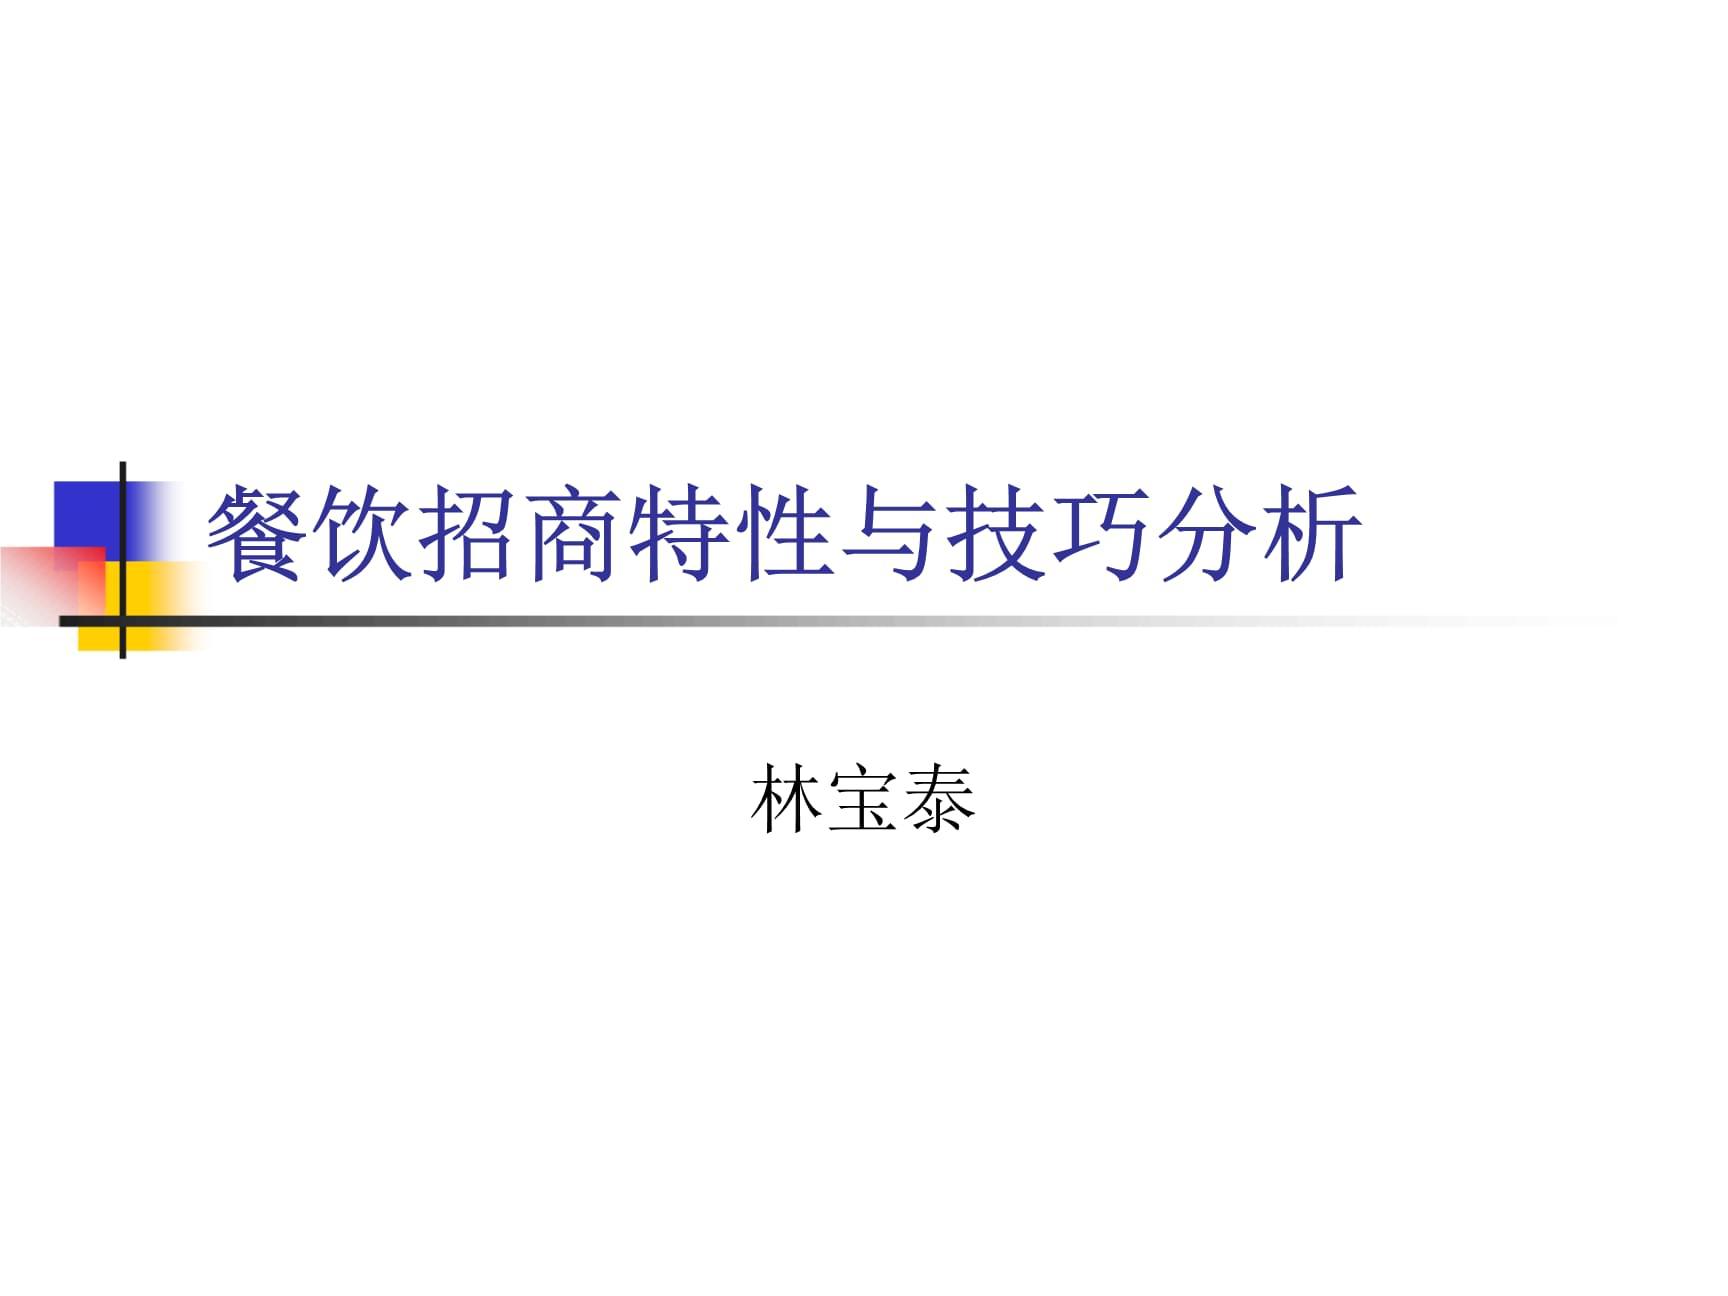 餐饮招商特性及技巧分析[文字可编辑].ppt